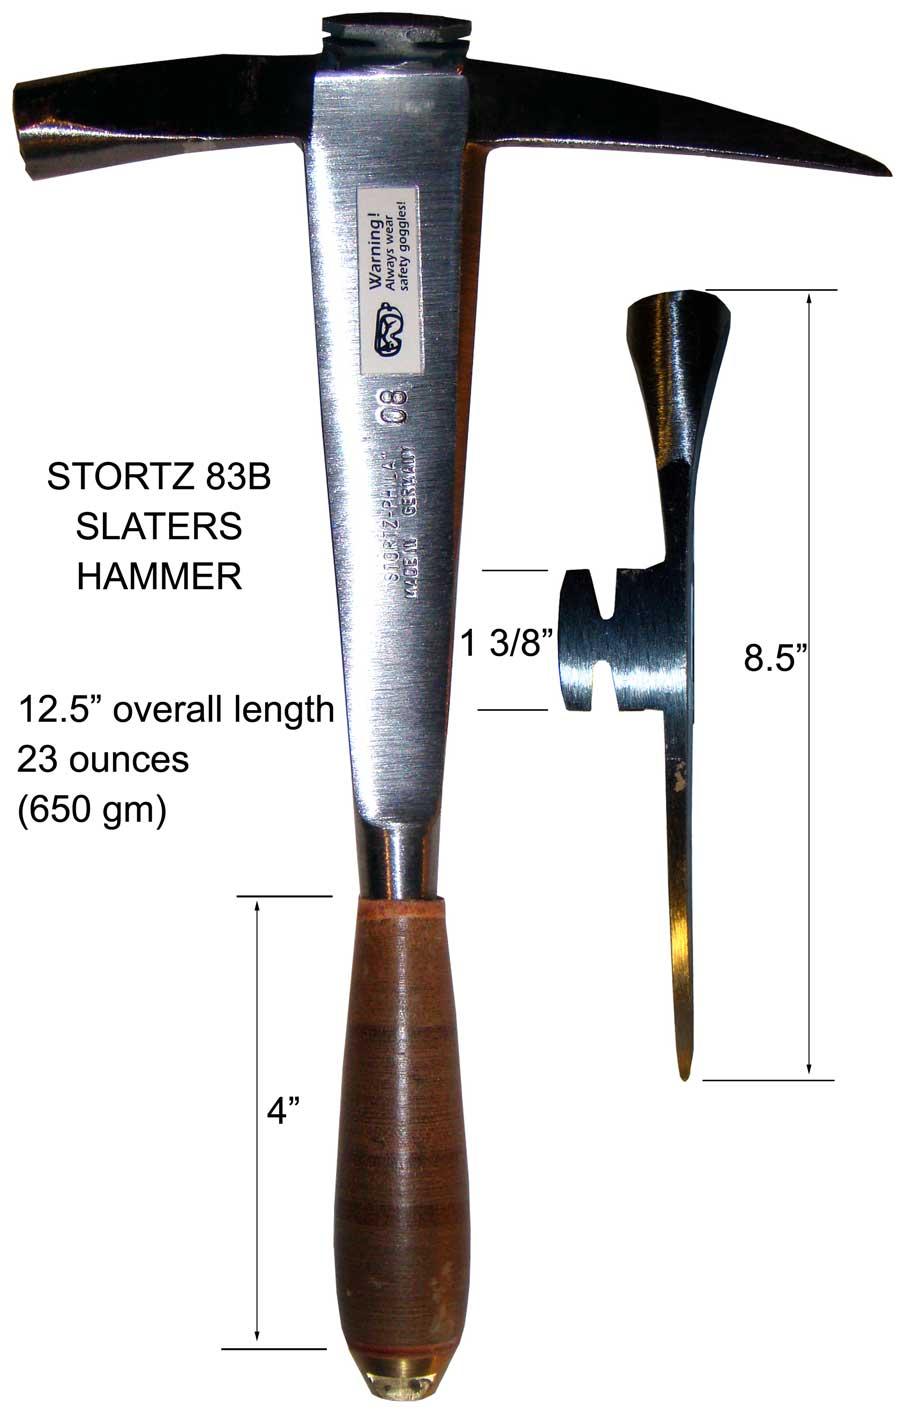 Stortz 83b Slate Hammer Gt Slate Hammers Gt Slate Roof Warehouse